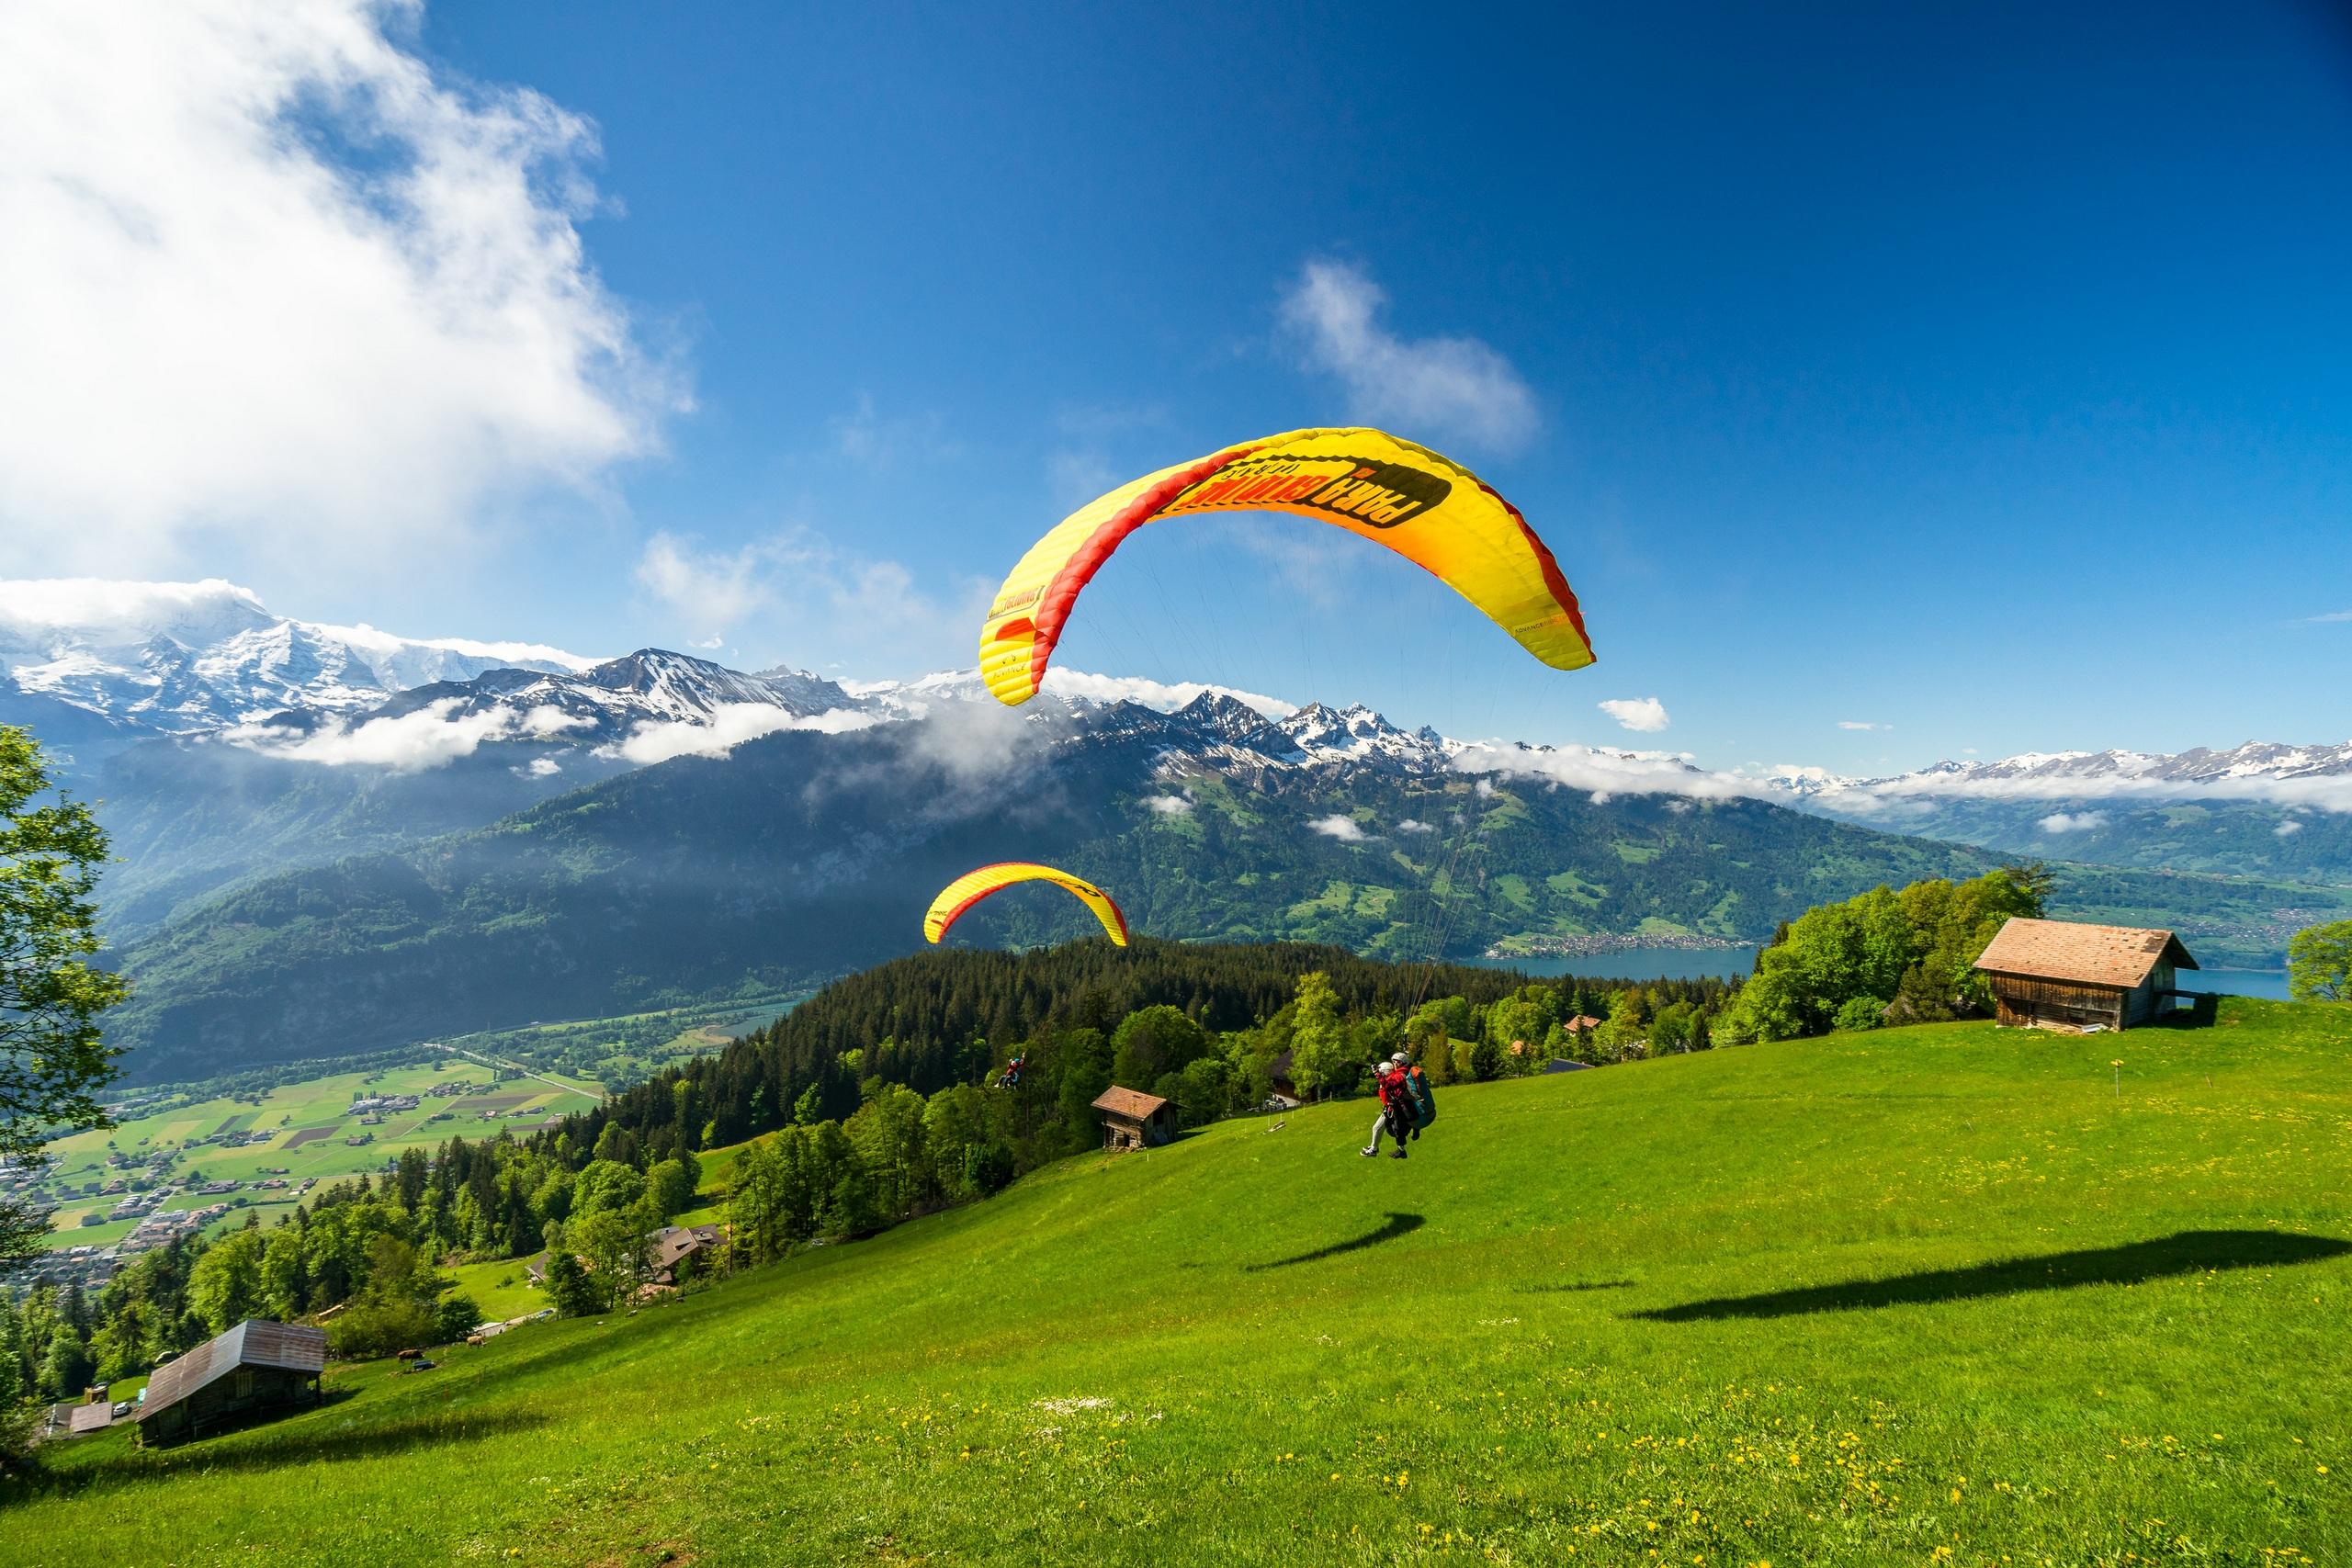 paragliding-interlaken-sommer-berge-panorama-sonnenschein